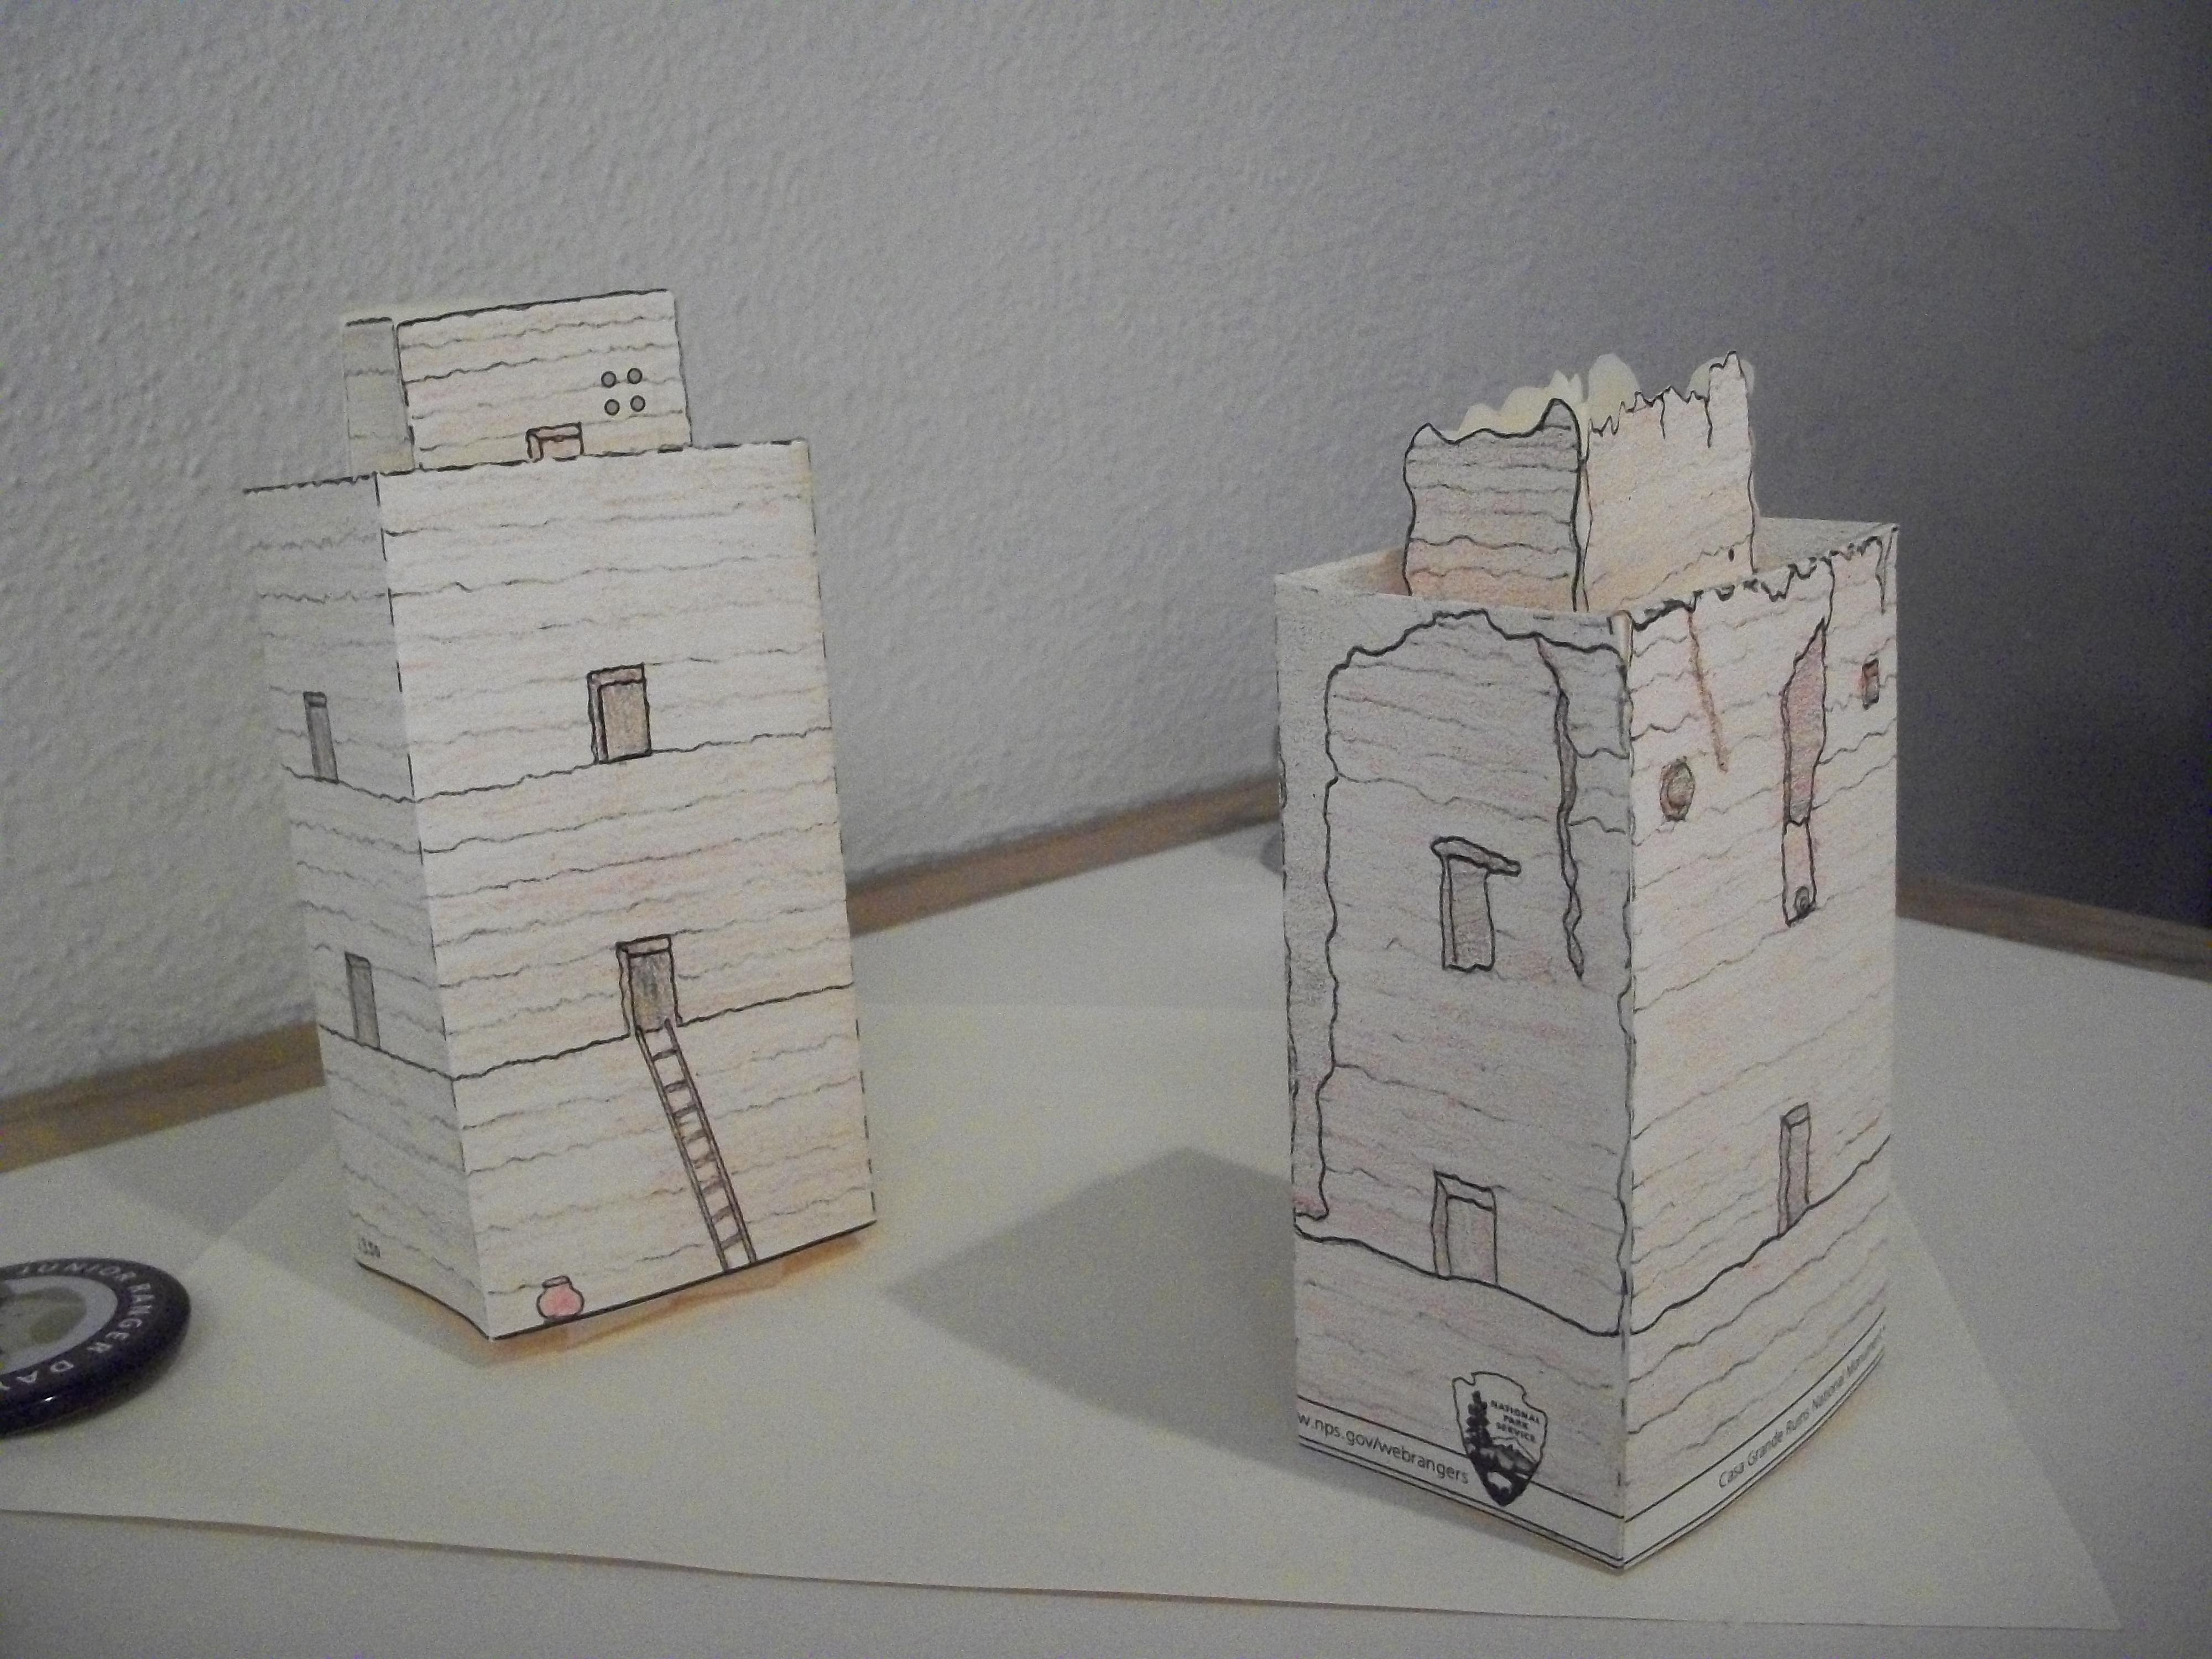 Make paper house model